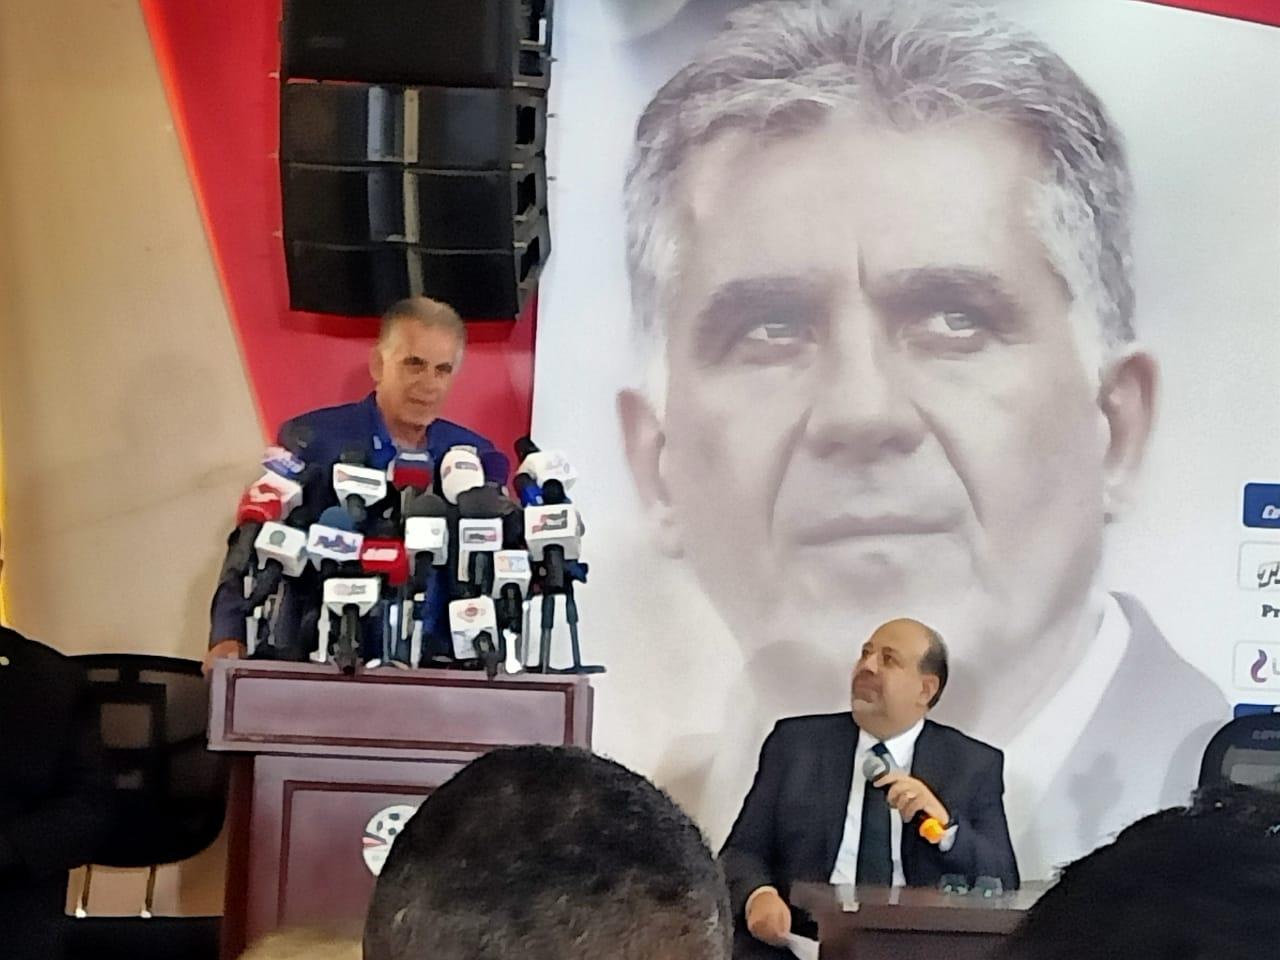 كيروش فرص منتخب مصر وليبيا متكافئة في تصفيات المونديال